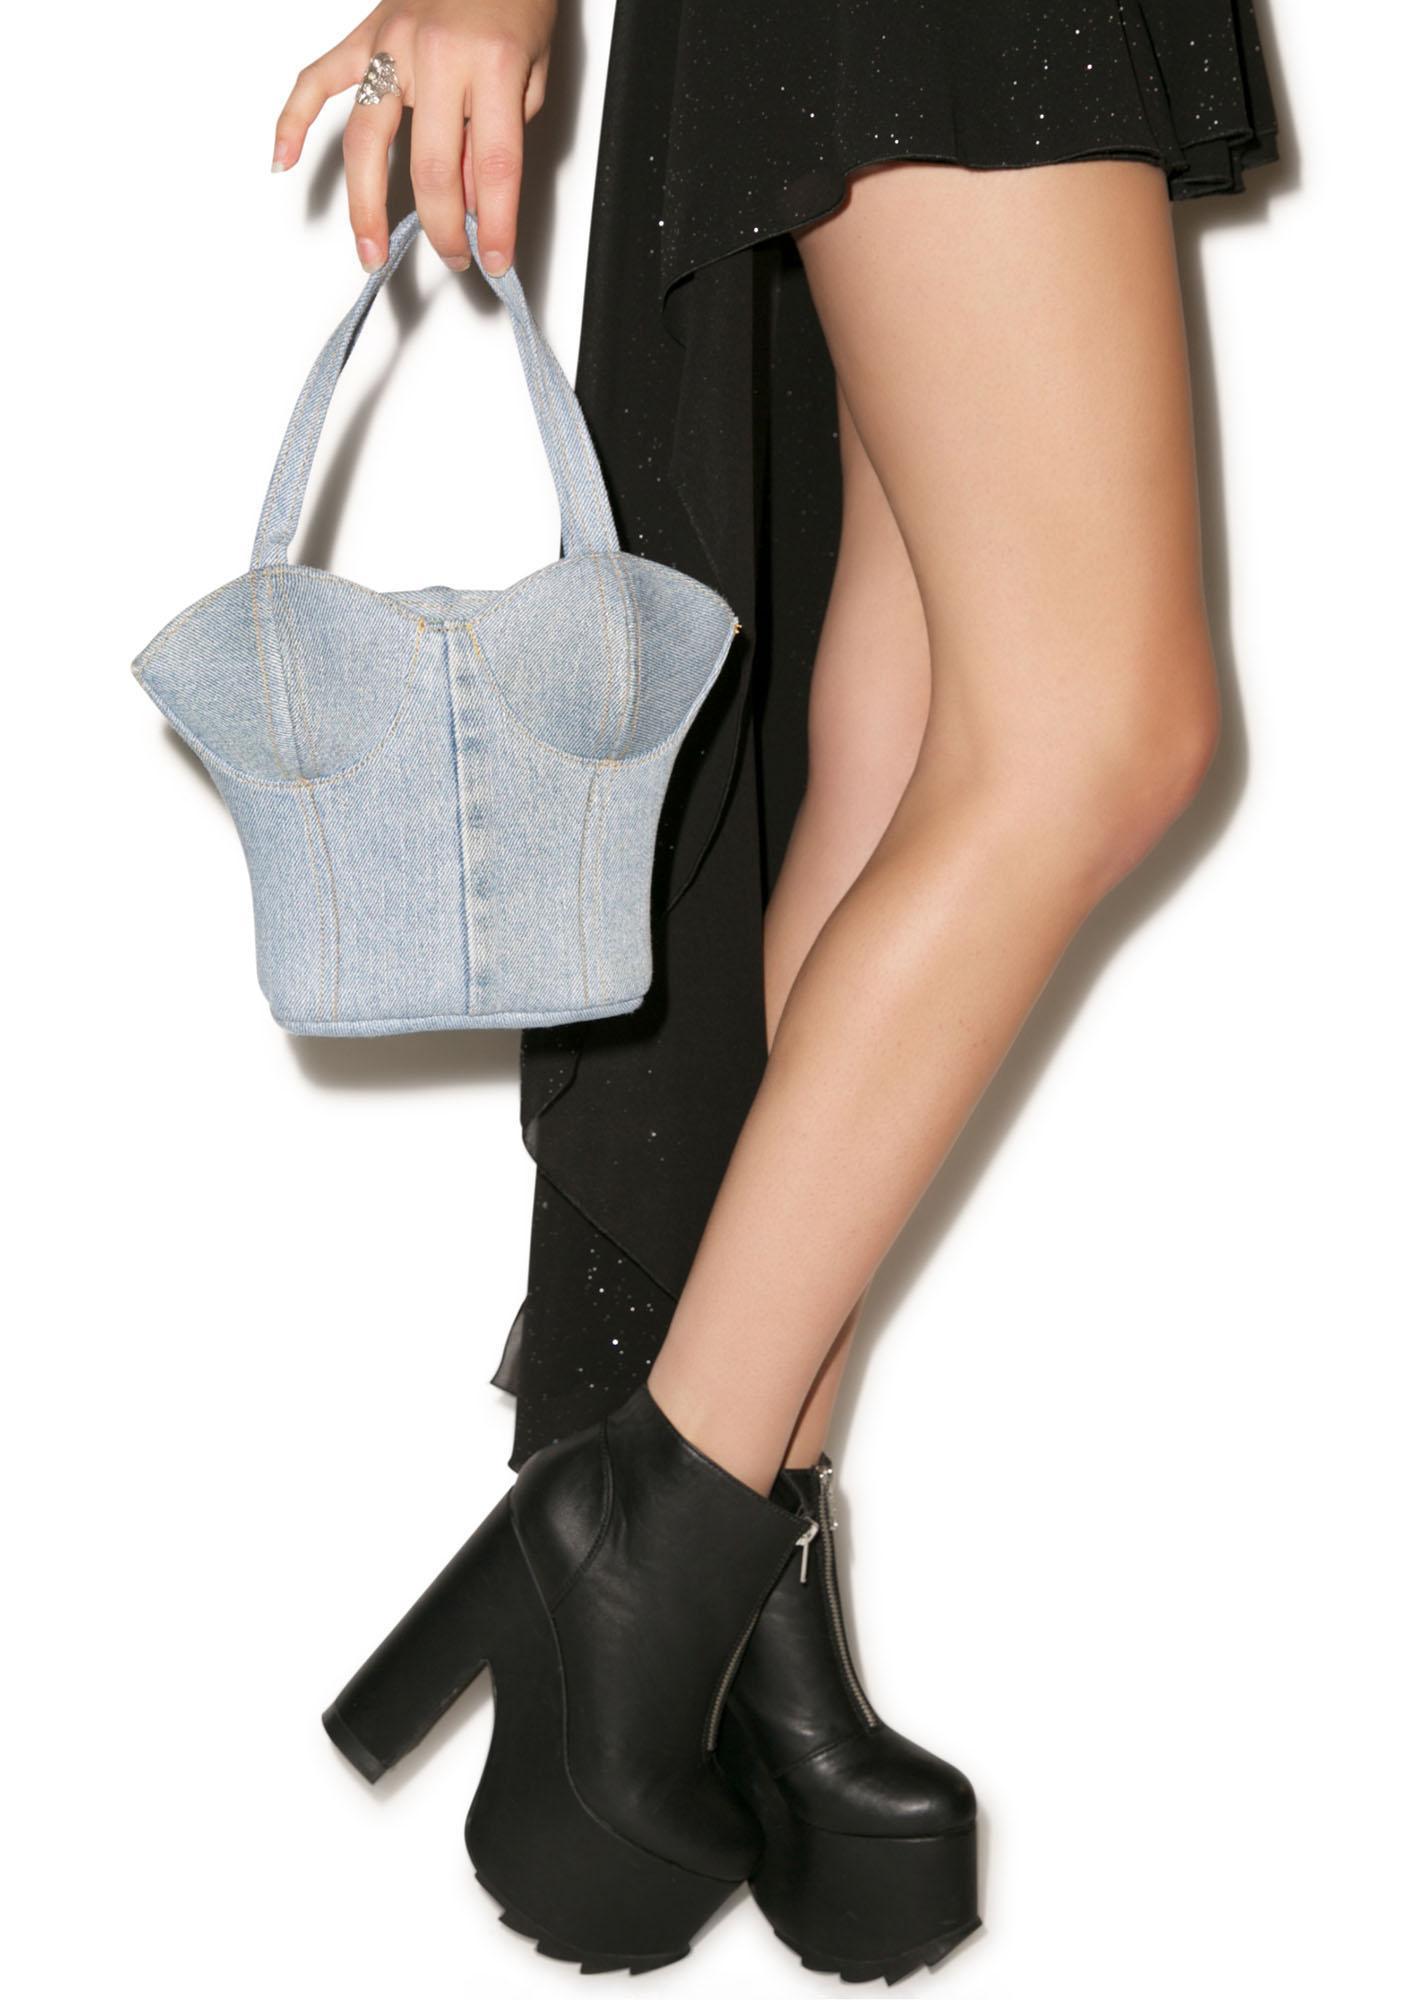 Bustin' Yer Chops Bustier Bag